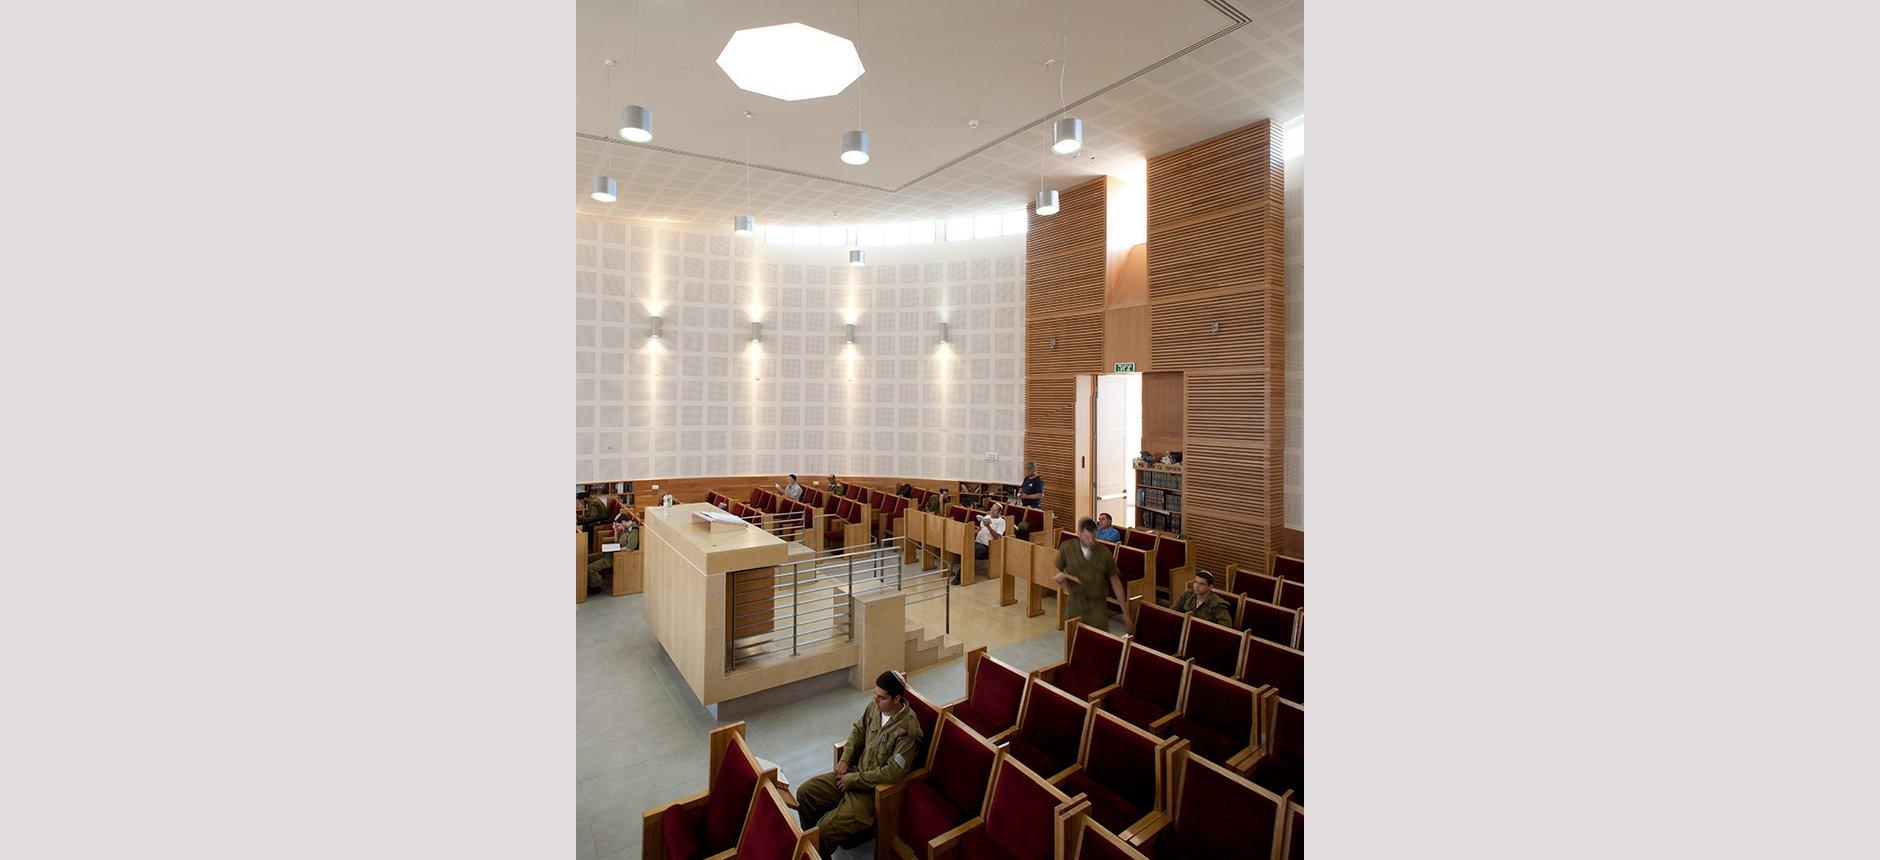 עיצוב אדריכלי לבית כנסת ברעות